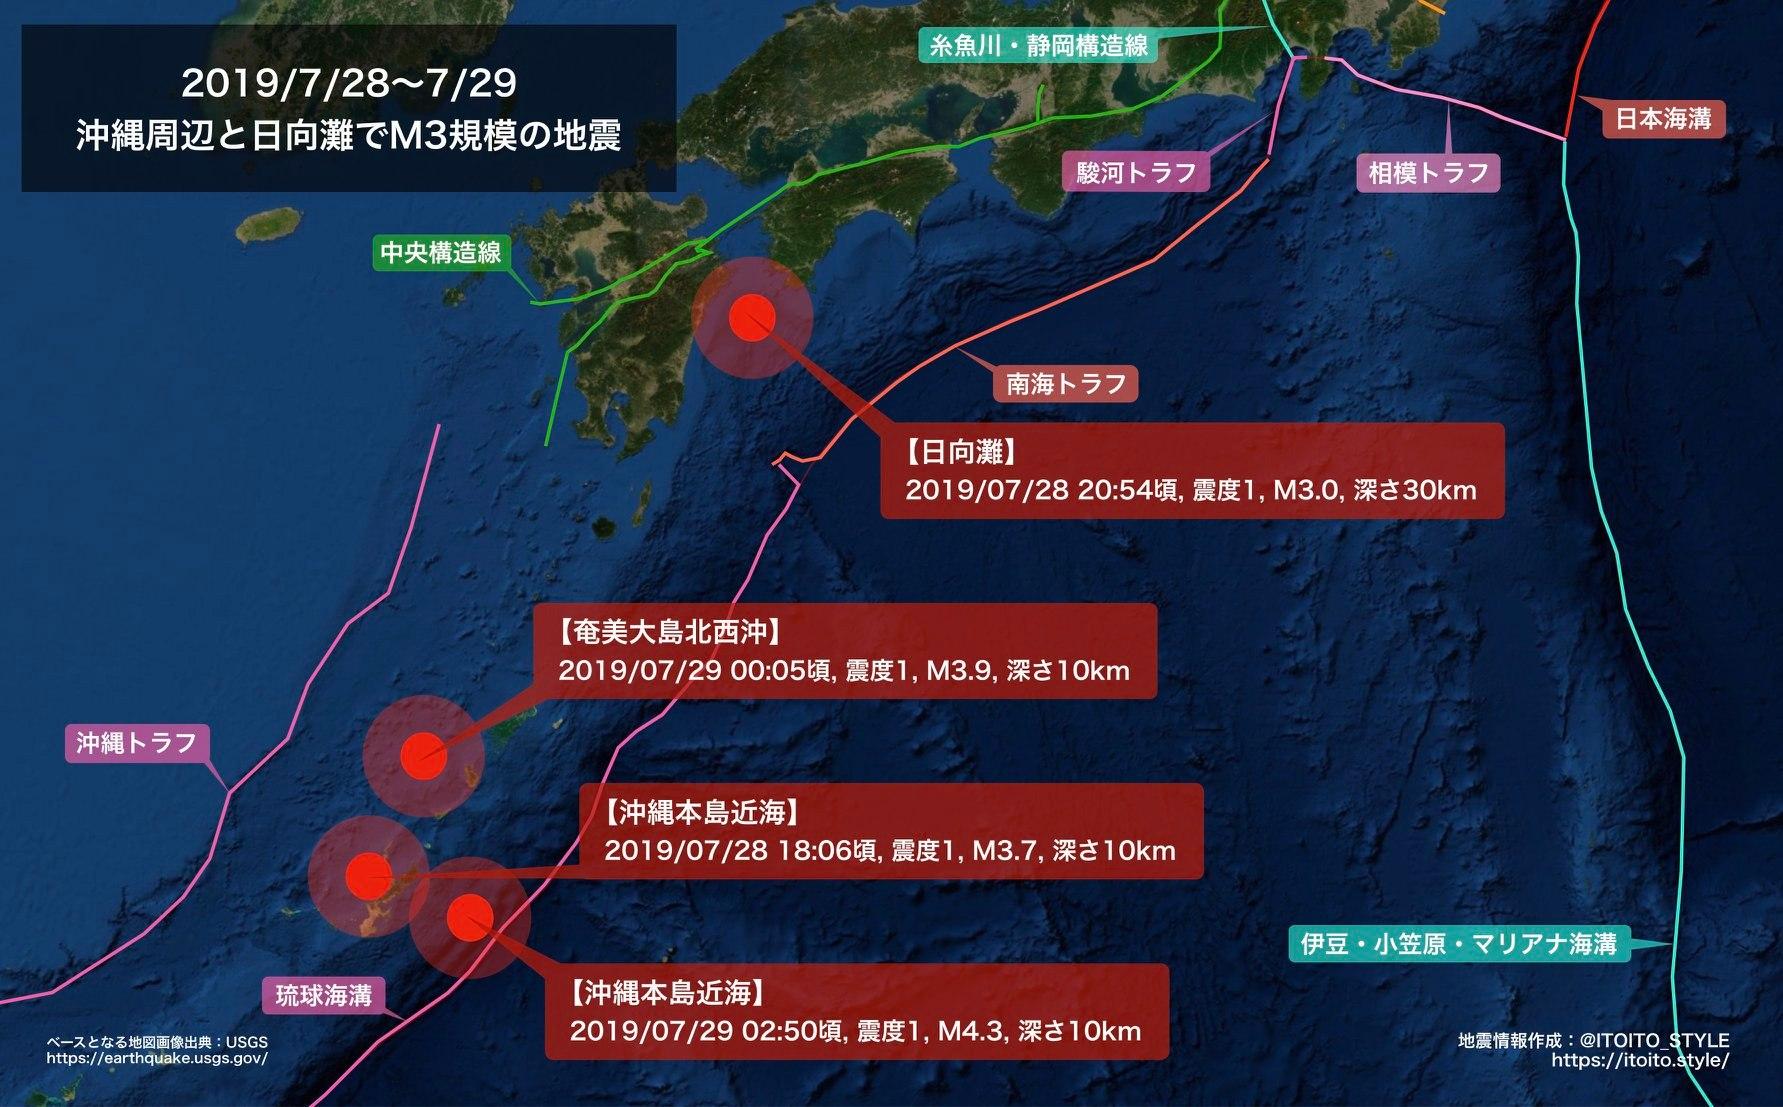 石垣島南方沖地震